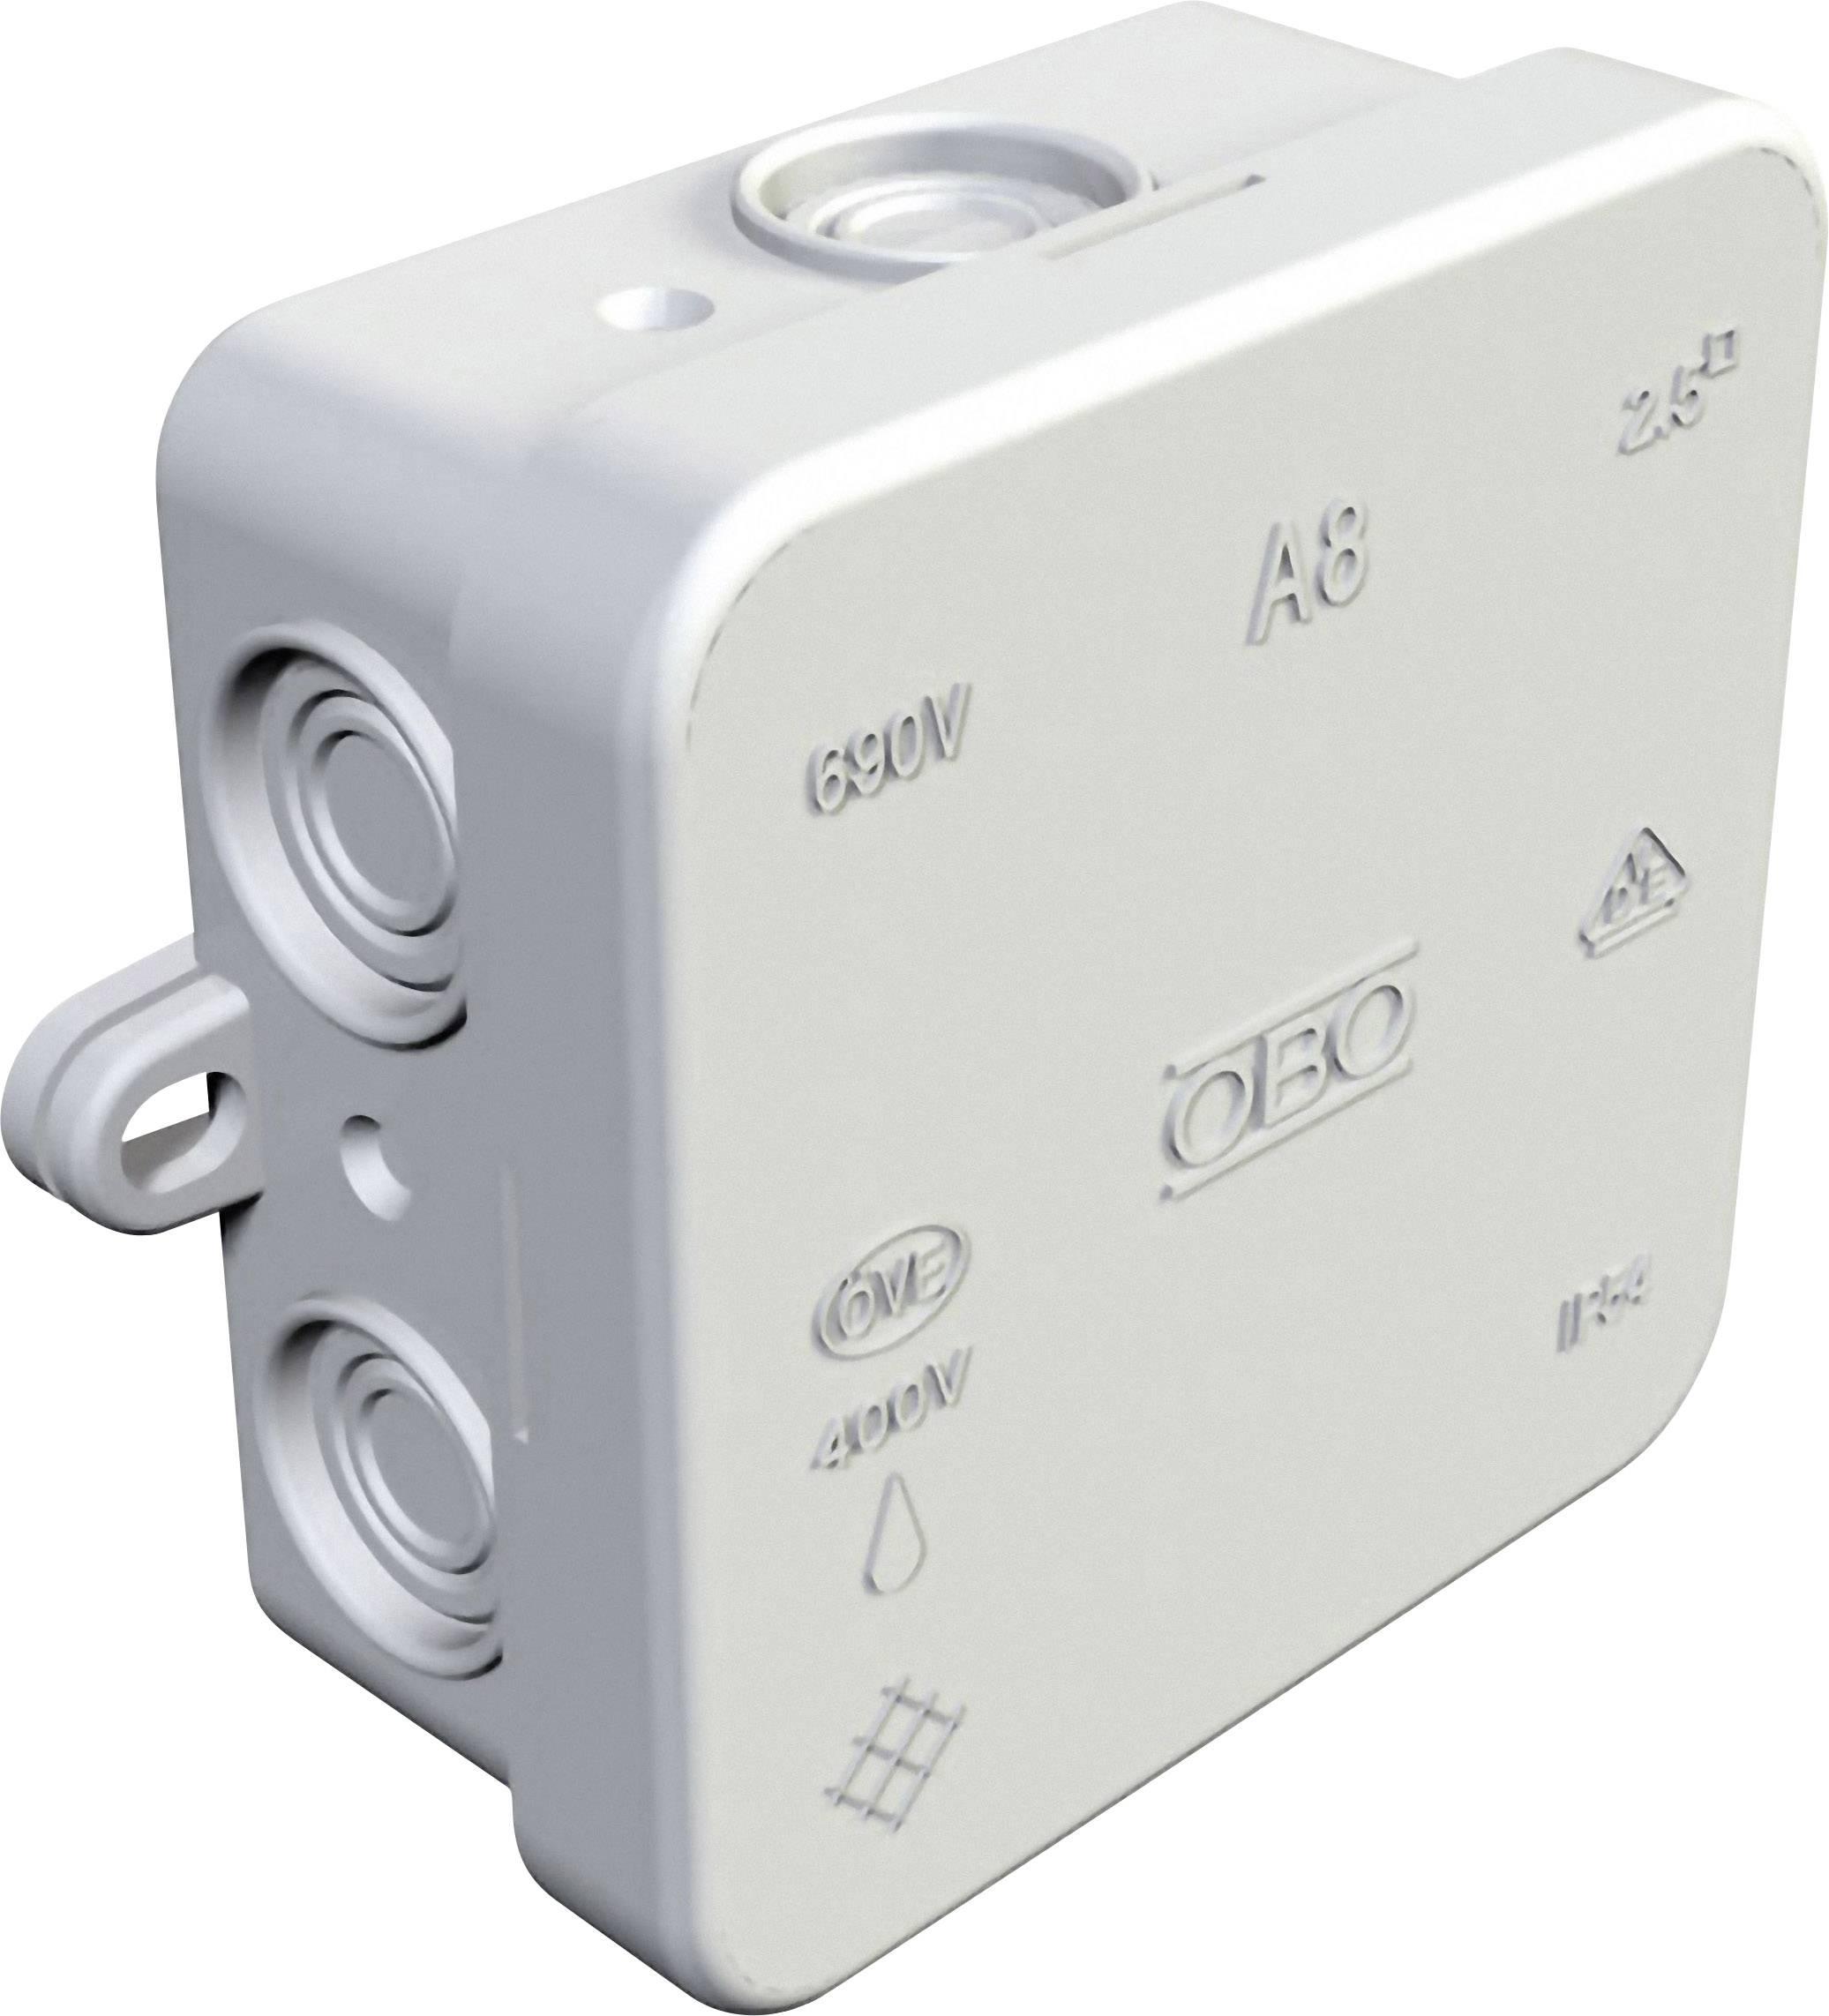 Inštalačná rozbočovacia krabička OBO Bettermann 352800000, (d x š x v) 80 x 80 x 36 mm, IP54, svetlo sivá